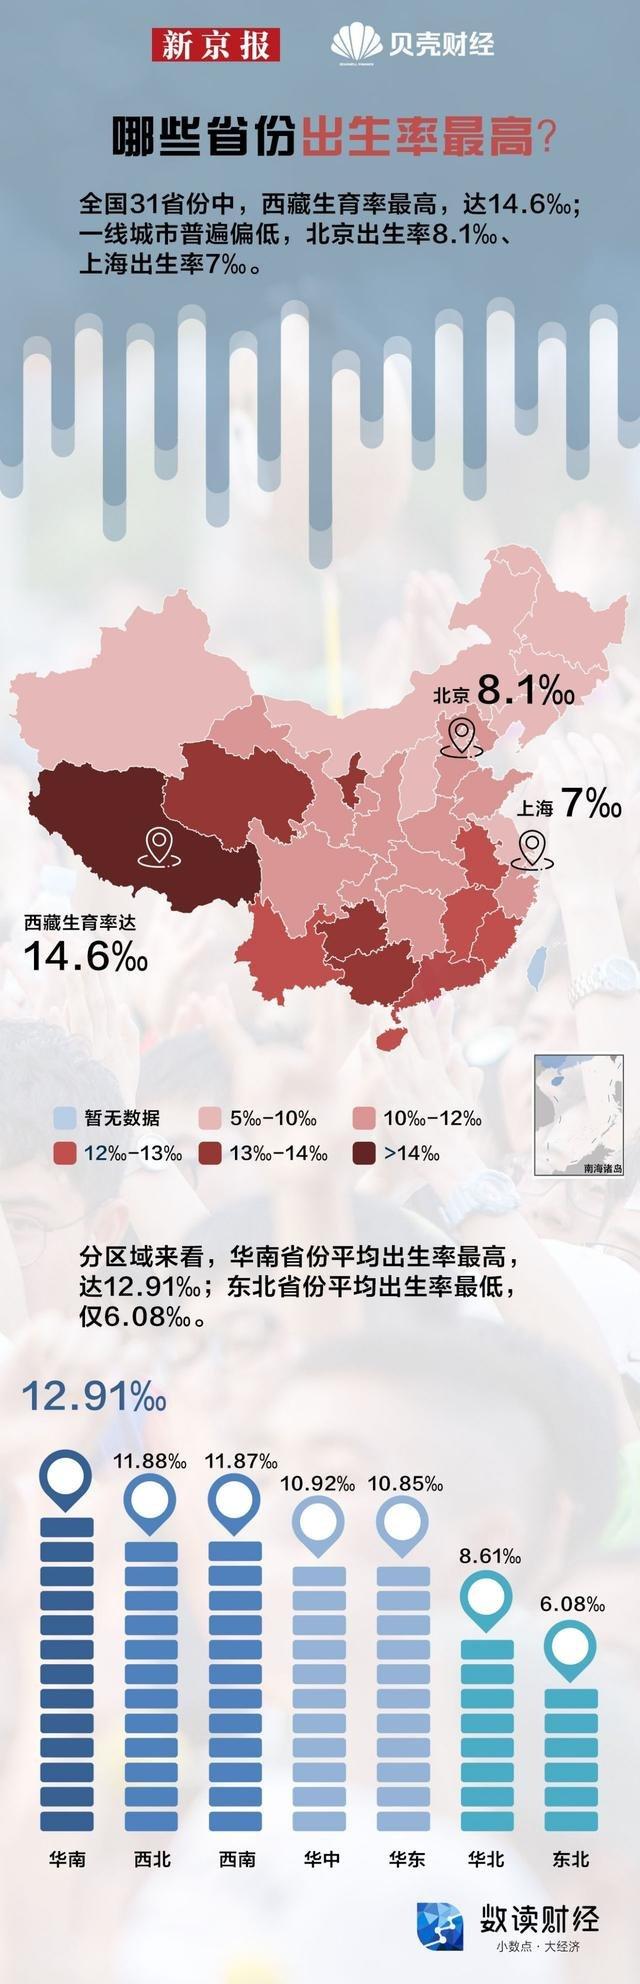 哪些省份的人最愿意生孩子 看完这些数据你就明白了